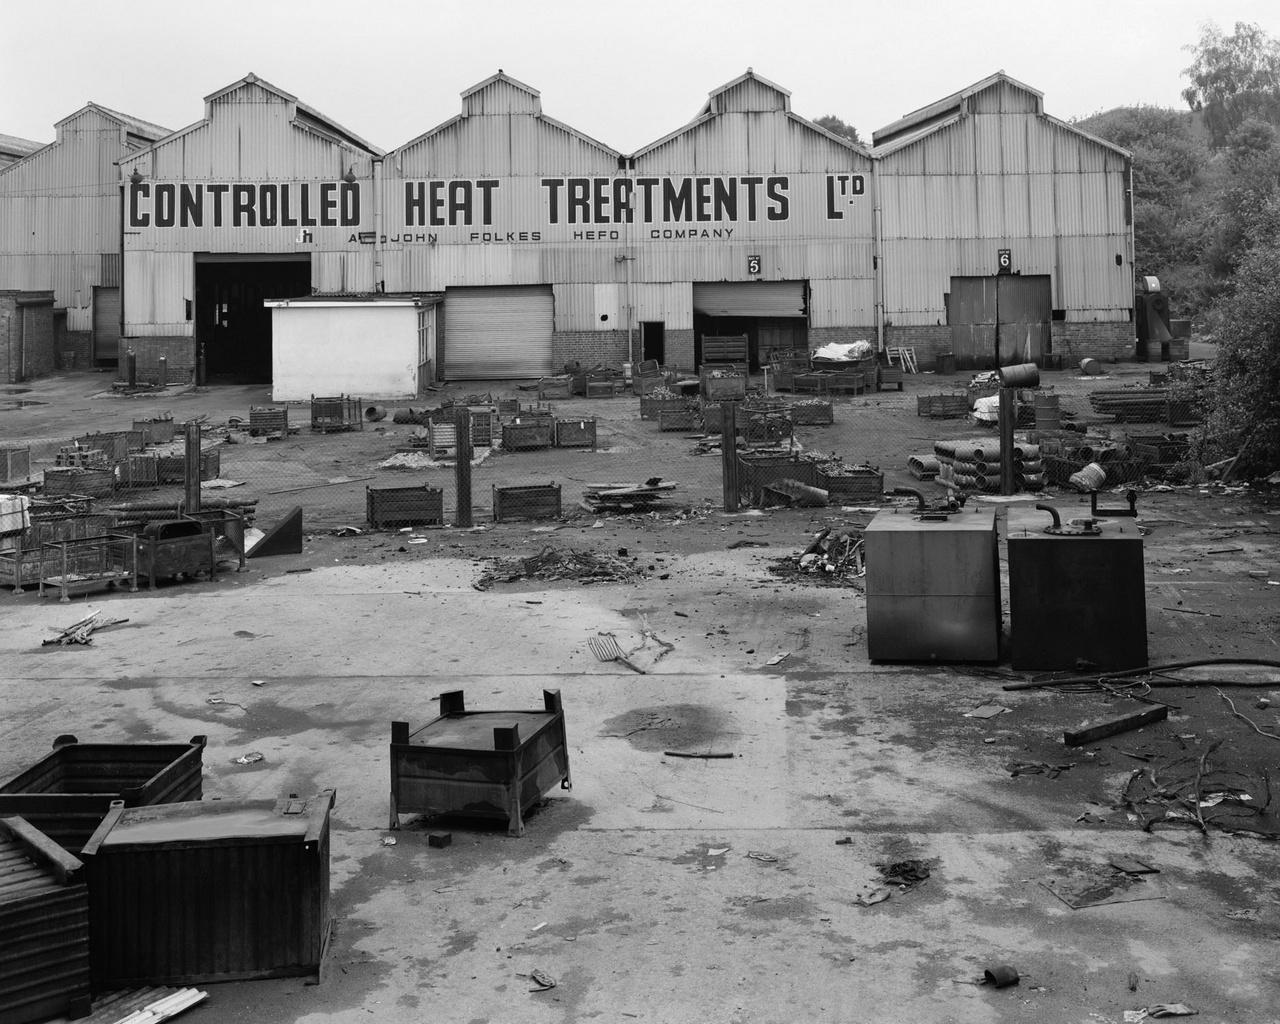 """""""Nem emlékszem, eredetileg miért kezdtem el ezt a fotósorozatot. Az 1980-as évek elejére jellemző szorongás, felfordulás és gazdasági káosz nyilván önmagában is elég indok volt - de csak mostanában jöttem rá, hogy a maguk visszafogott és befejezetlen módján ezek a képek a brit táj és társadalom elmúlt fél évszázadának egyik nagy változását örökítették meg: az ipar végét és a raktározás, a logisztika, a kereskedelem, az aszfalt felemelkedését."""""""